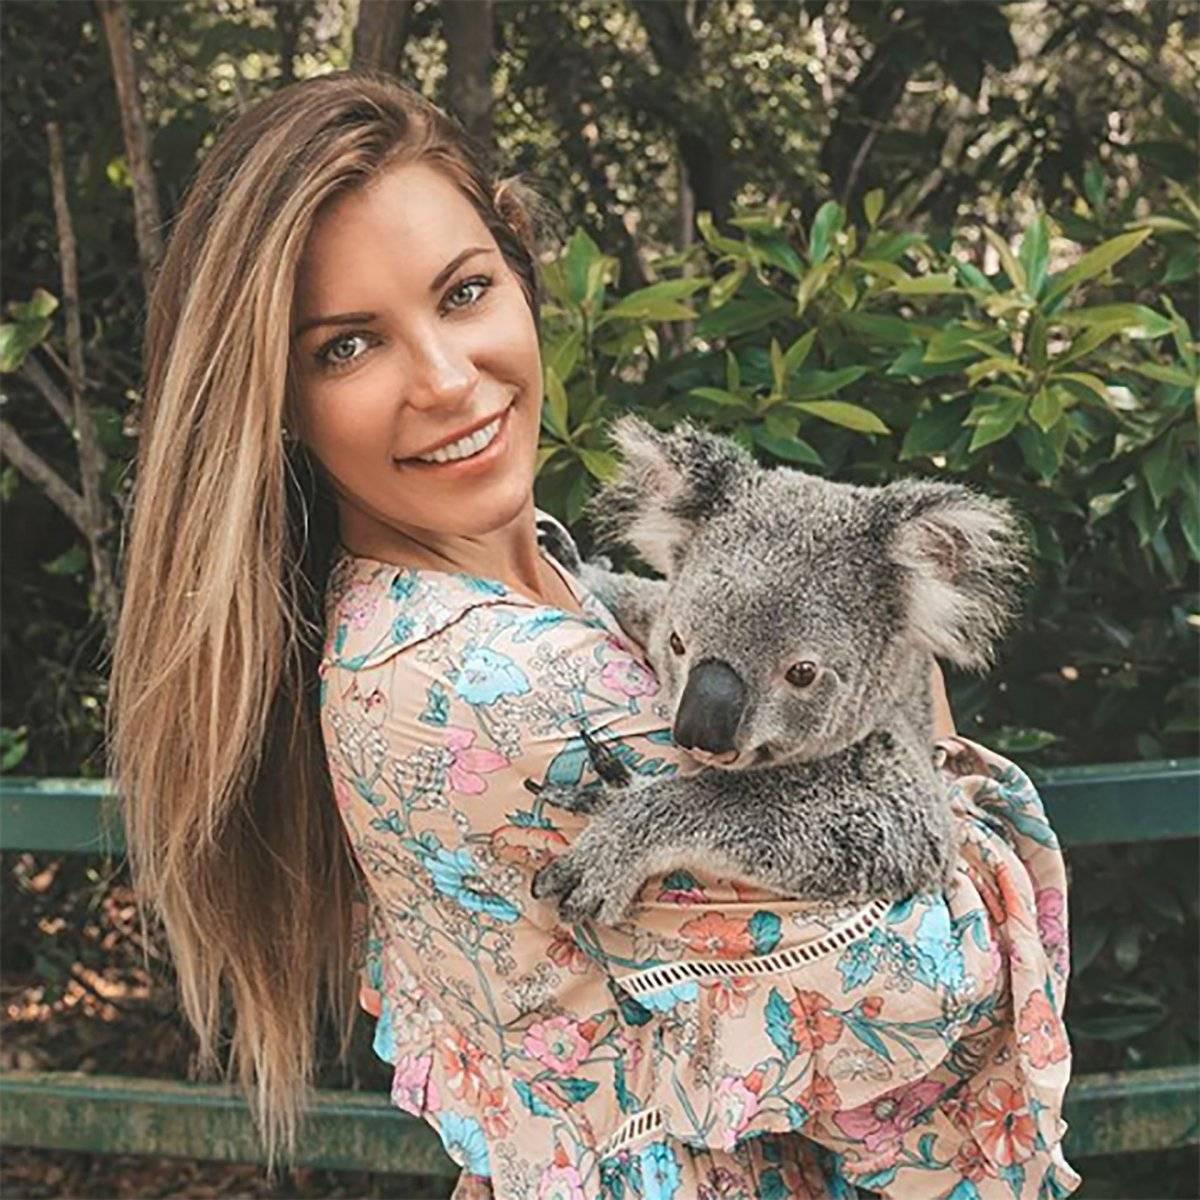 Crystal Harris, ha dejado atrás su vida de conejita de Playboy. Ahora, elige un bajo perfil, luce al natural y está dedicada a causas benéficas.